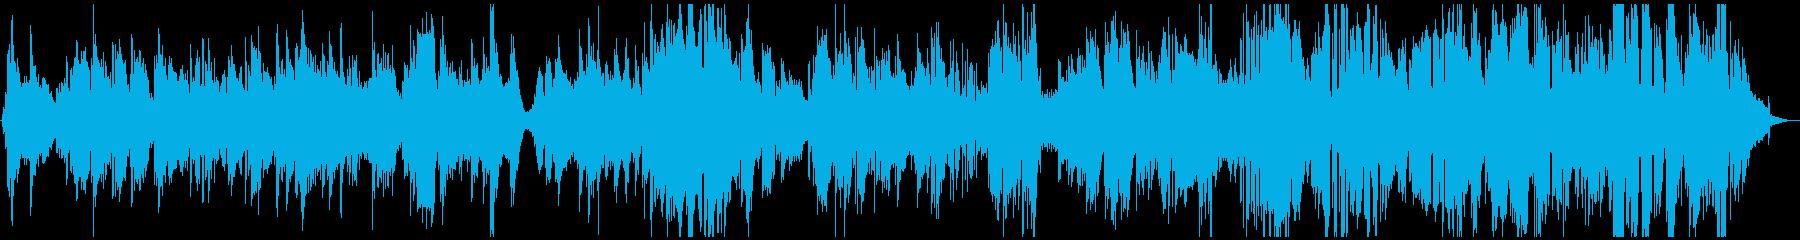 再帰的。一息、ピアノの即興サックス...の再生済みの波形